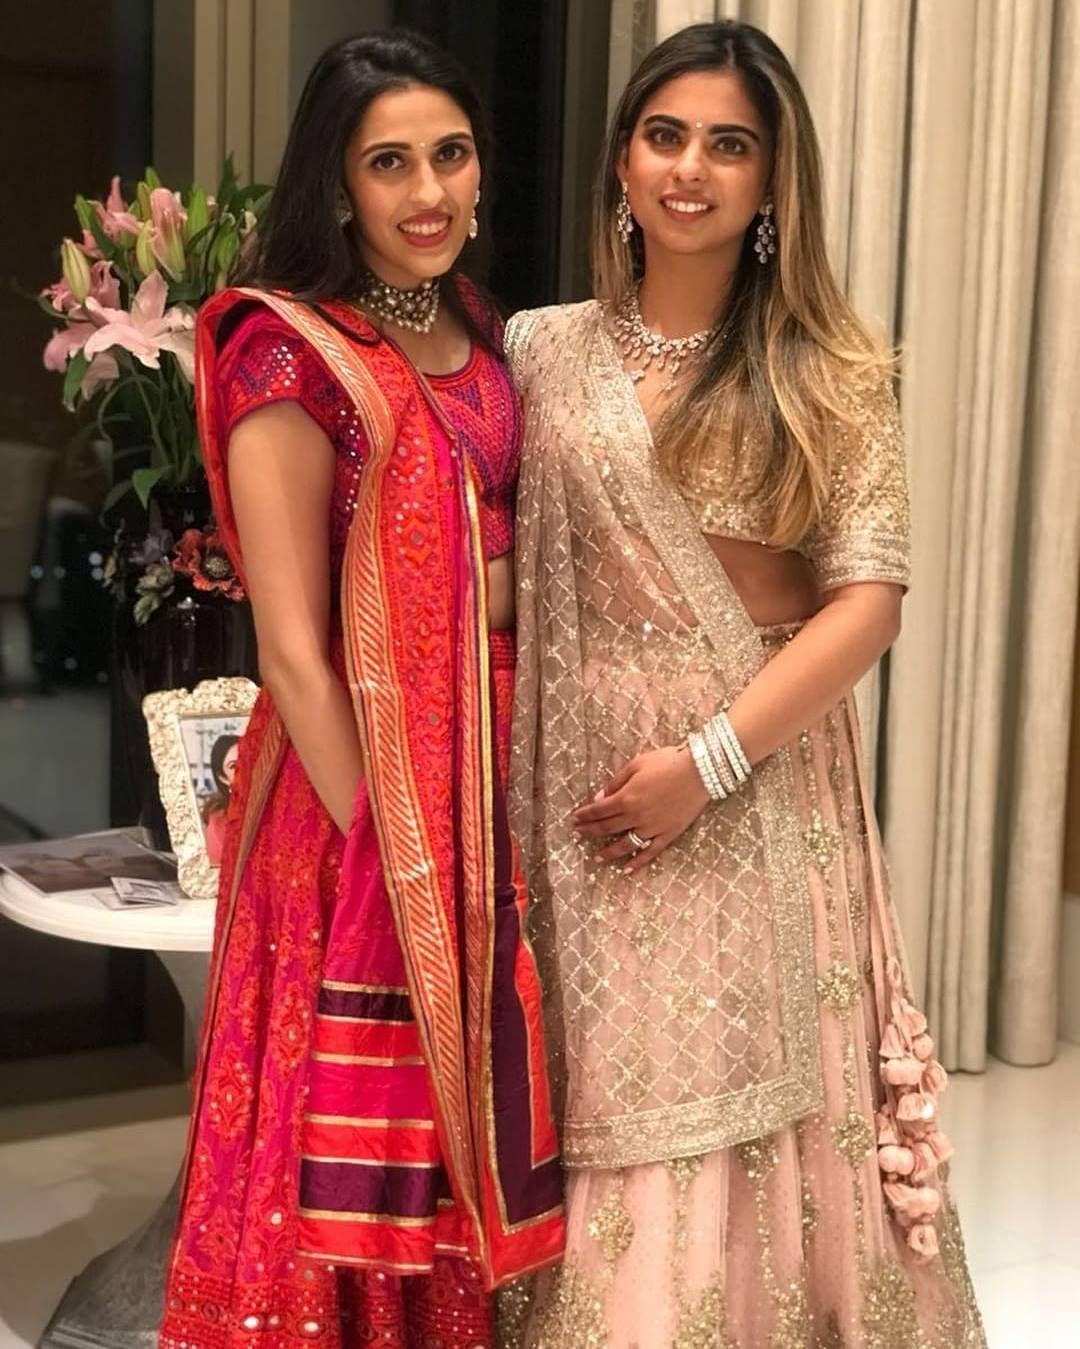 Isha Ambani After Wedding: Everything About Akash Piramal & Isha Ambani's Wedding